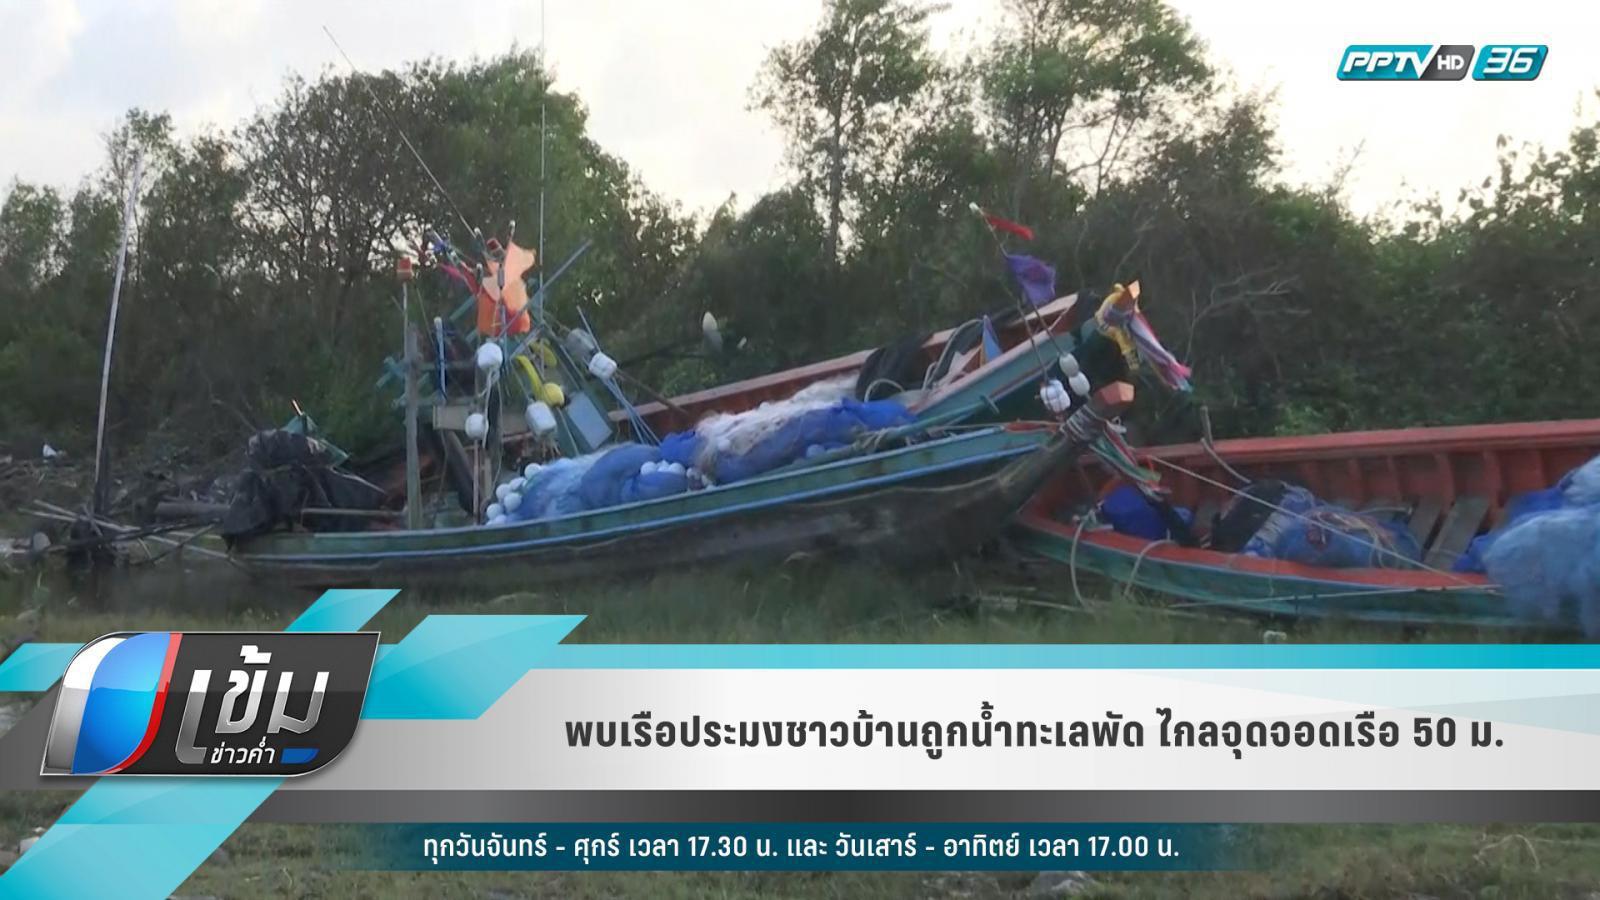 พบเรือประมงชาวบ้านถูกน้ำทะเลพัด ไกลจุดจอดเรือ 50 ม.